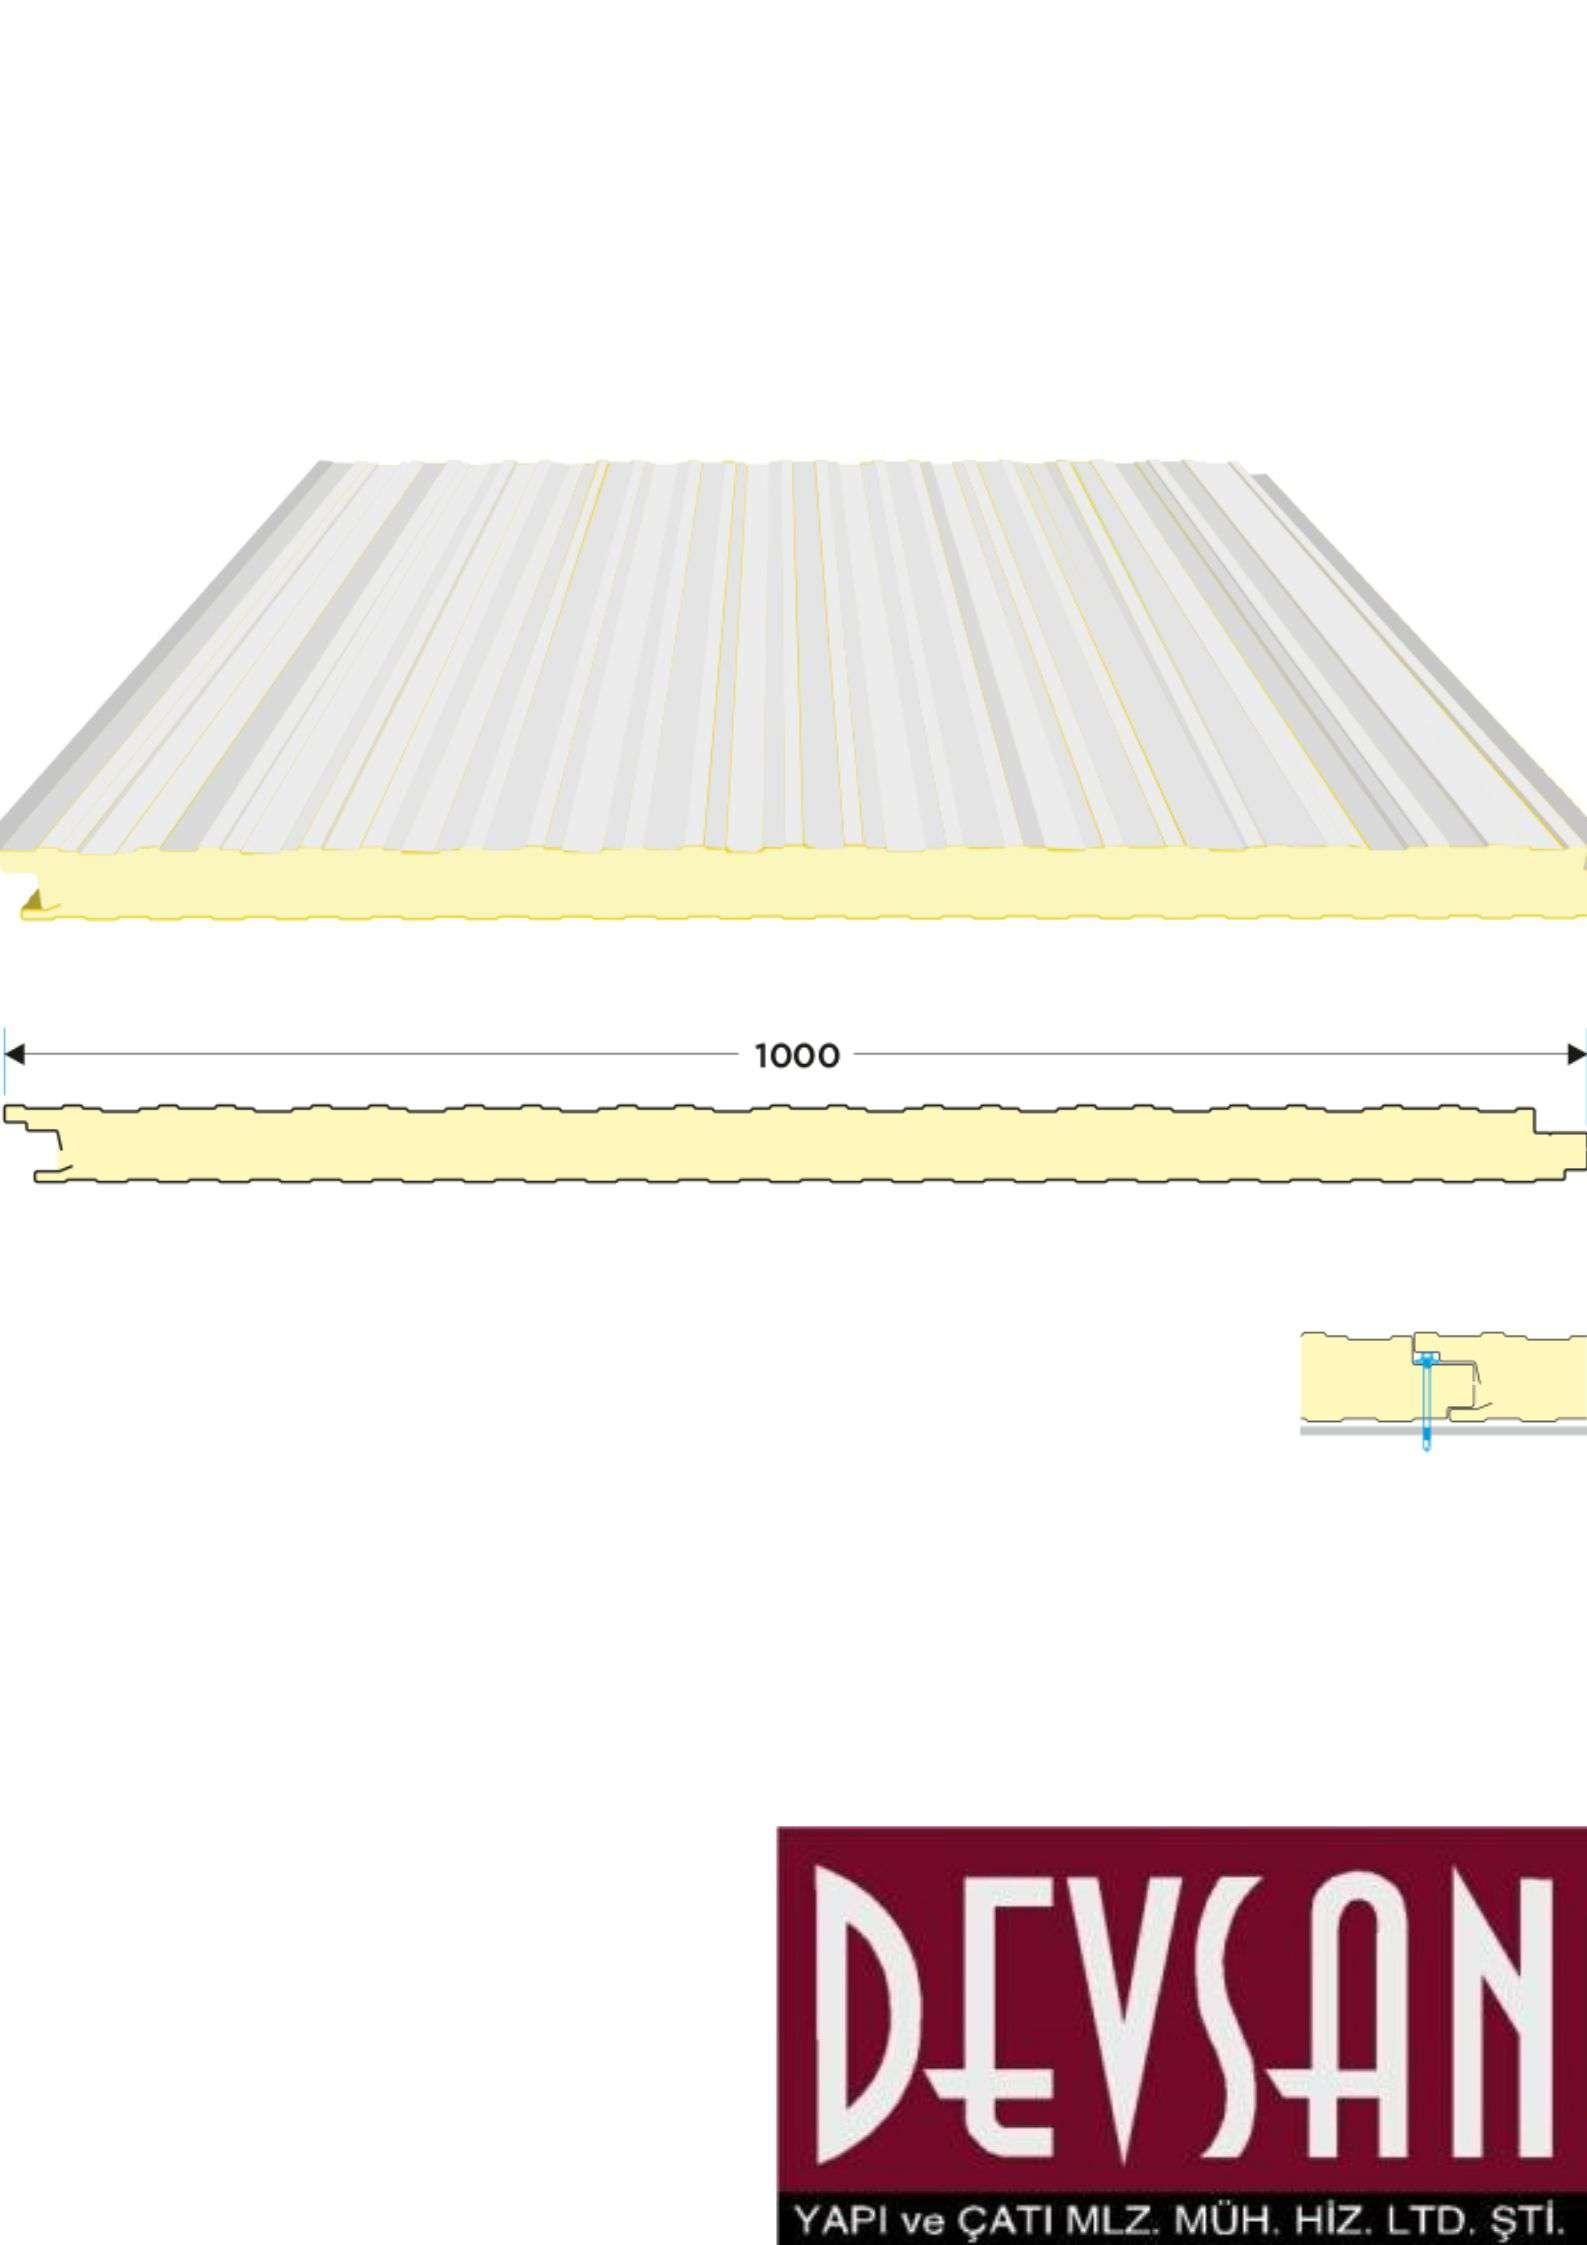 Sandvic Cephe Paneli 40mm. PU. Ral 9002